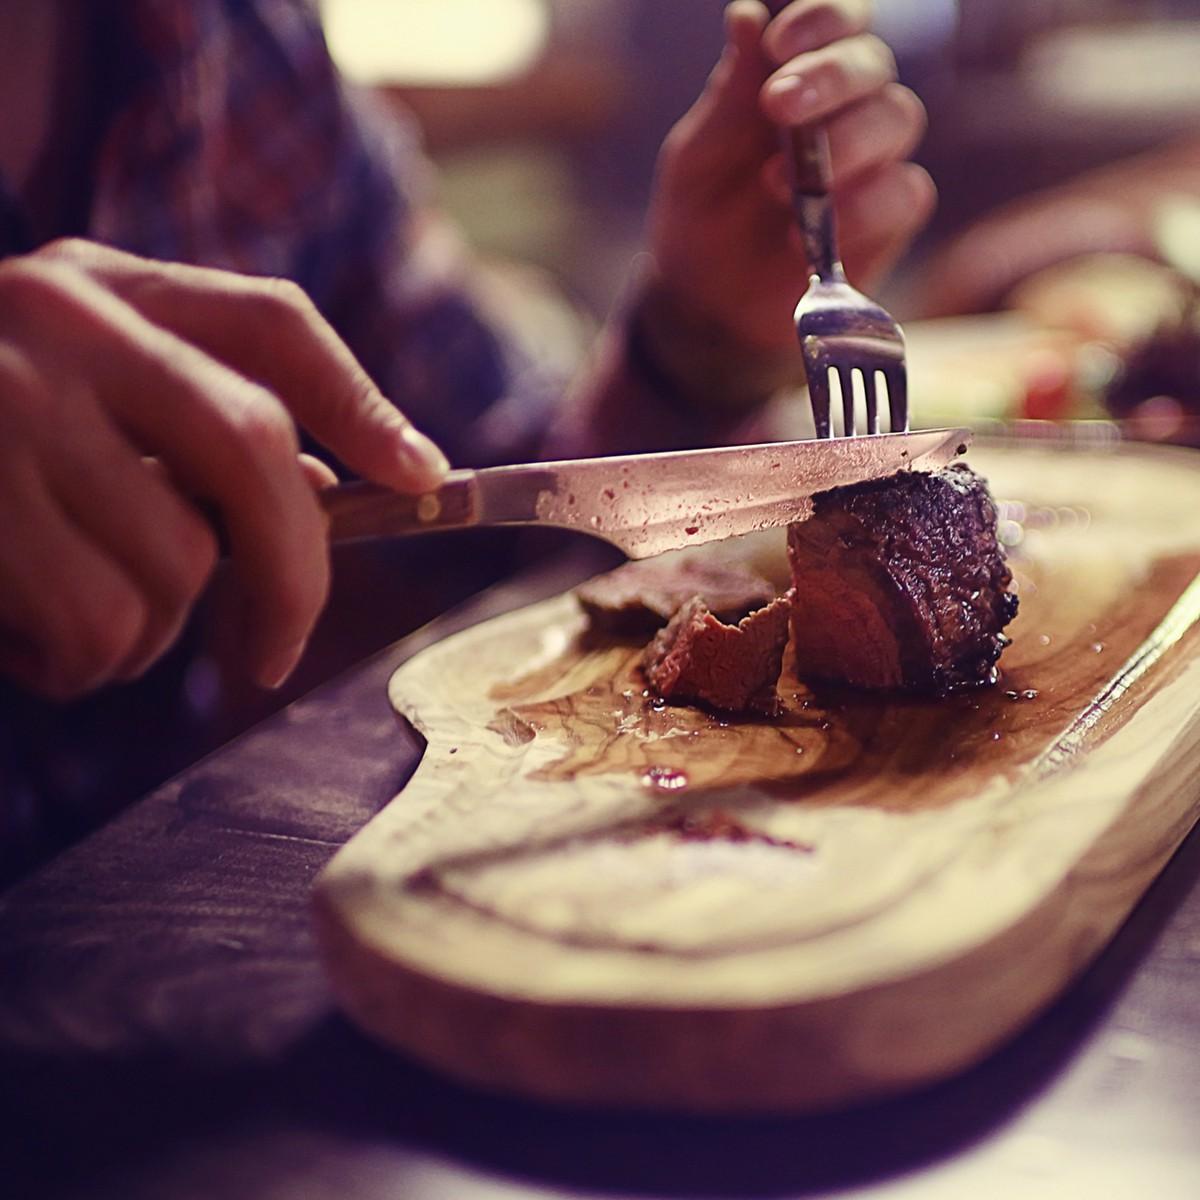 7 sai lầm thường mắc khi ăn bít tết ở nơi sang trọng - Ảnh 1.